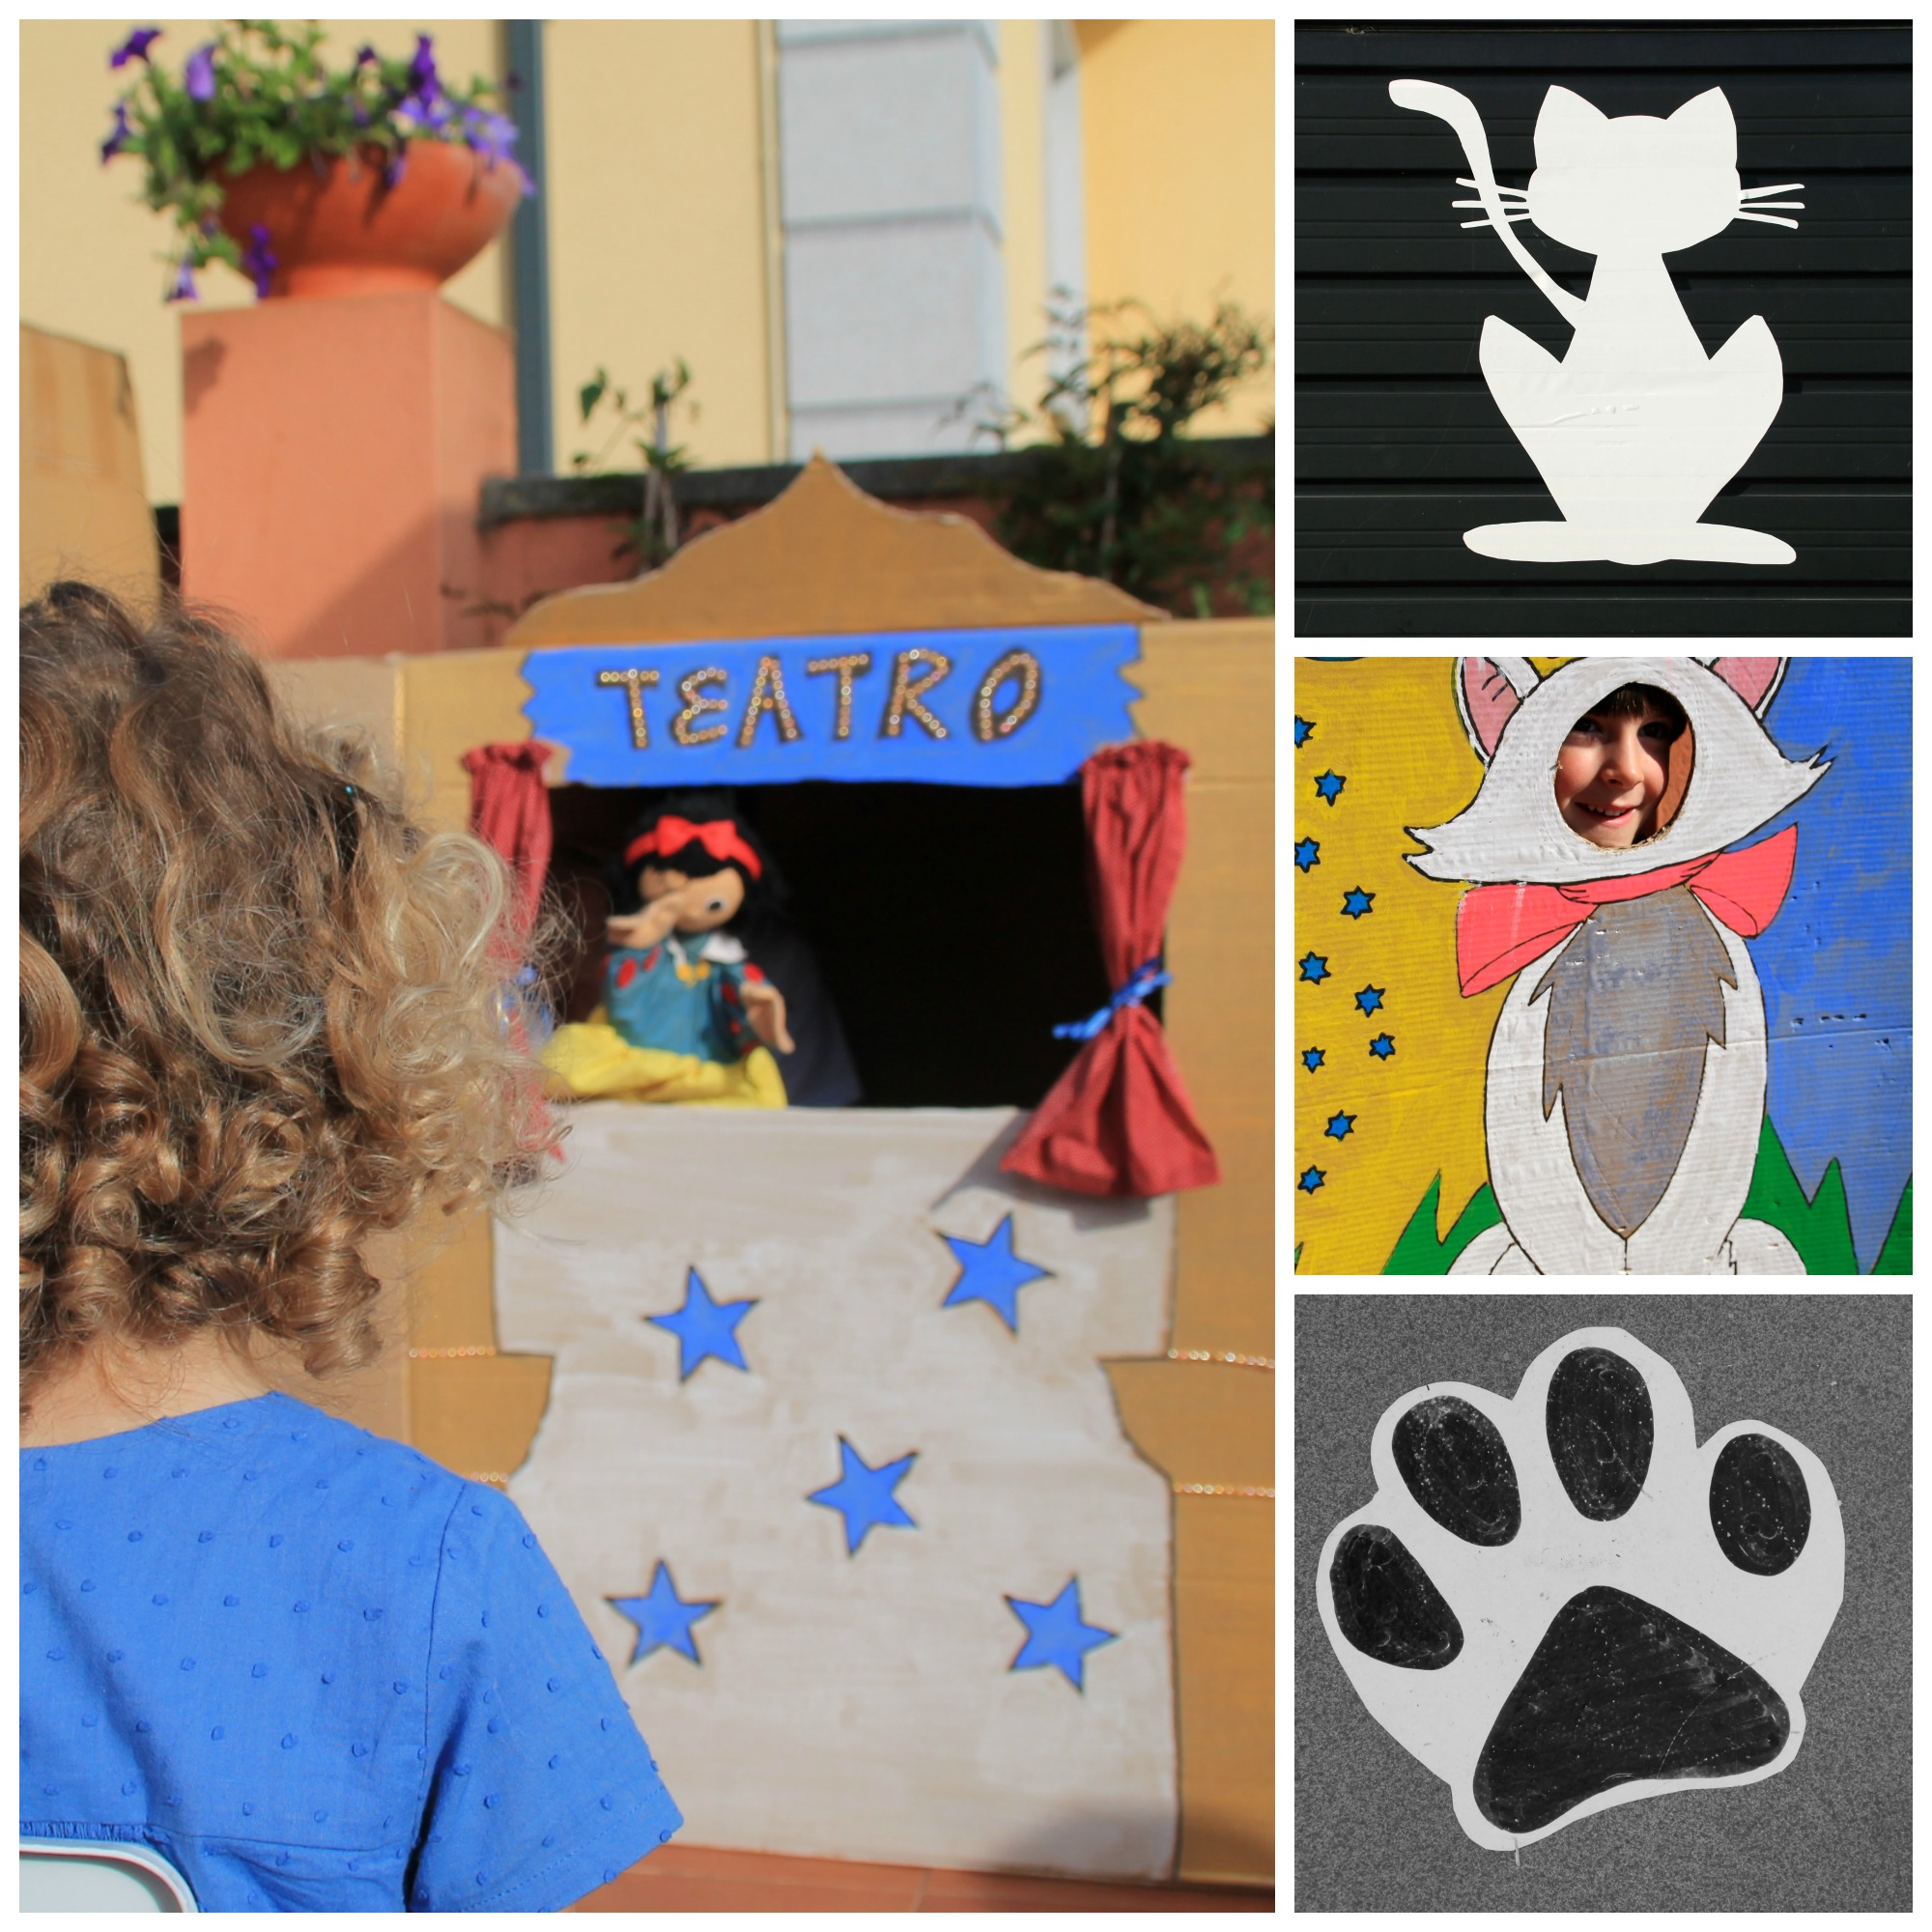 La pandilla del parque ideas para decorar una fiesta de - Decorar dibujos infantiles ...